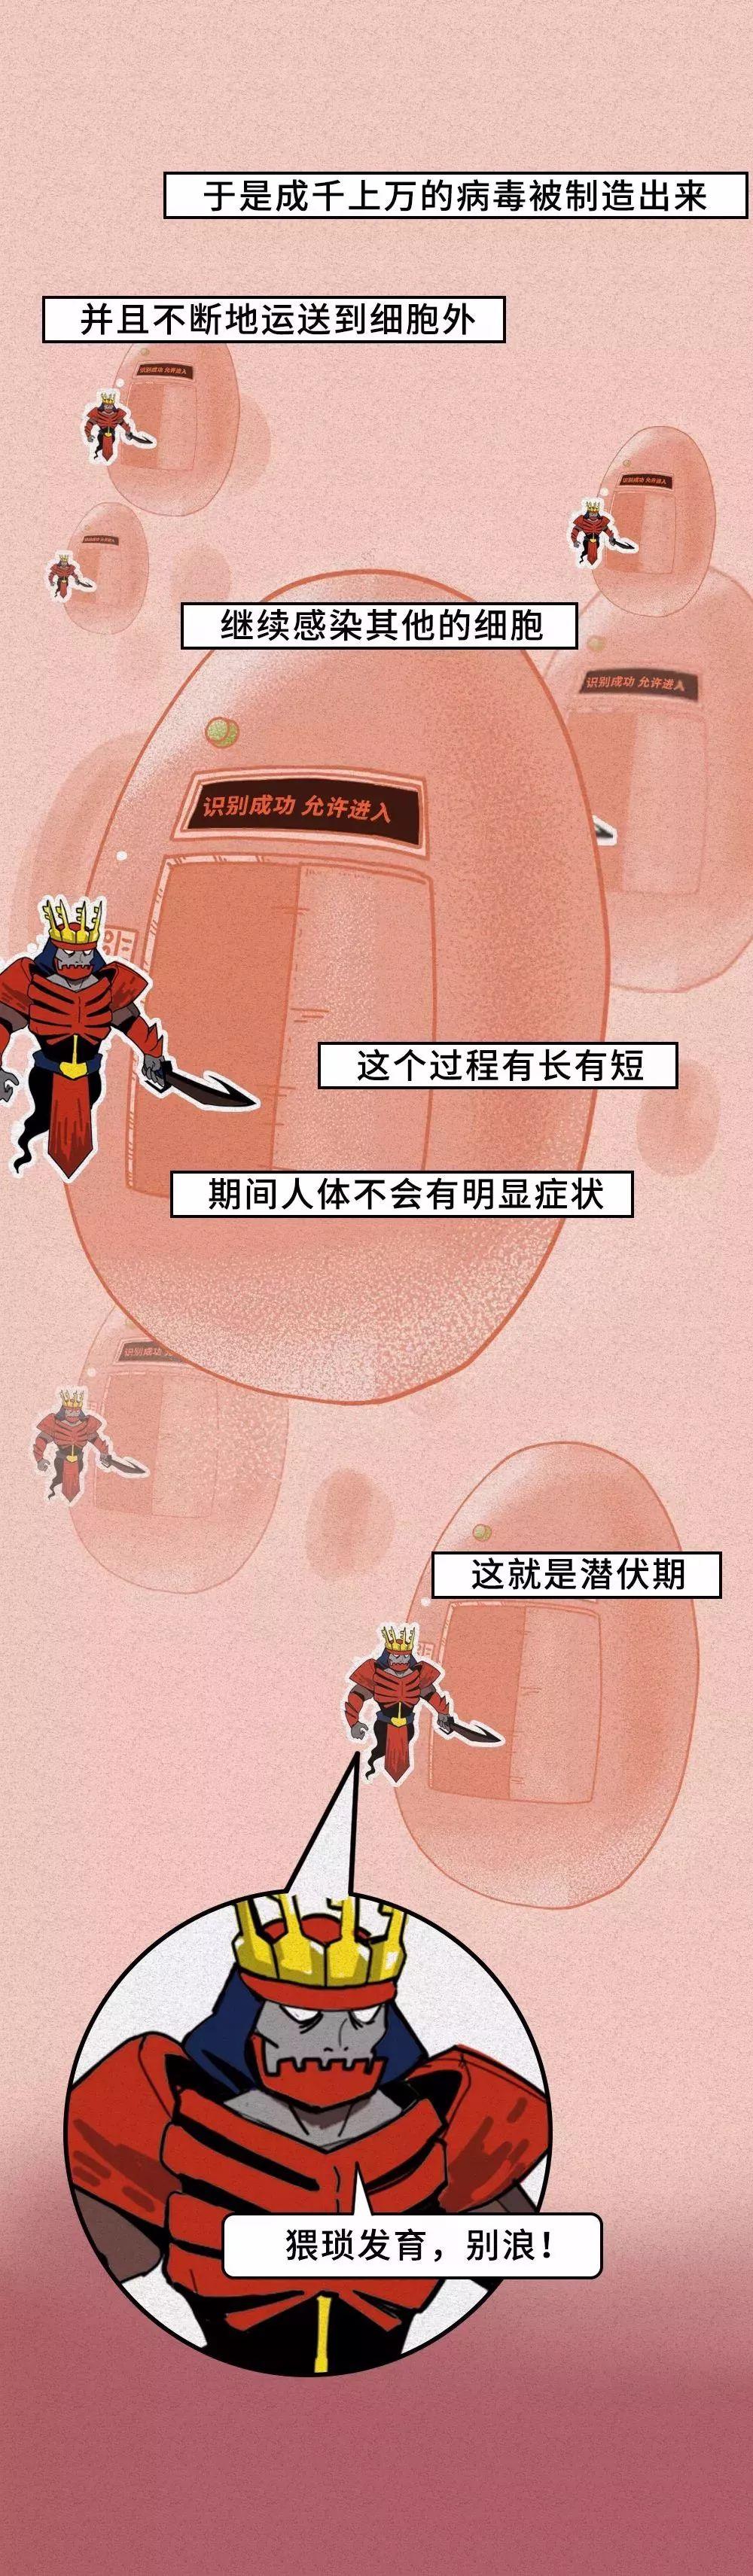 細胞戰斗實錄6.jpg